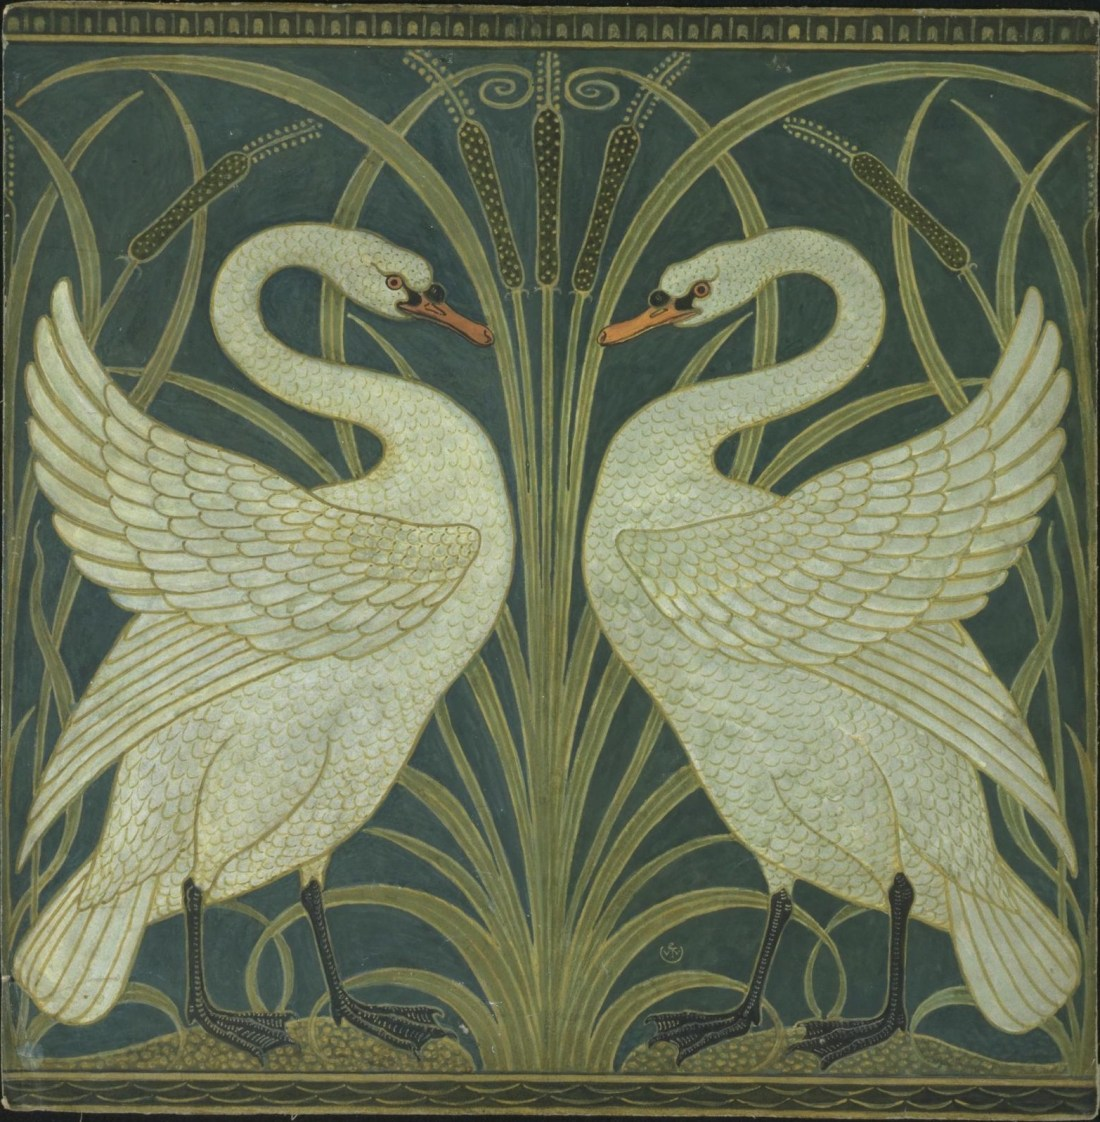 Swan and Rush and Iris wallpaper. 1875.